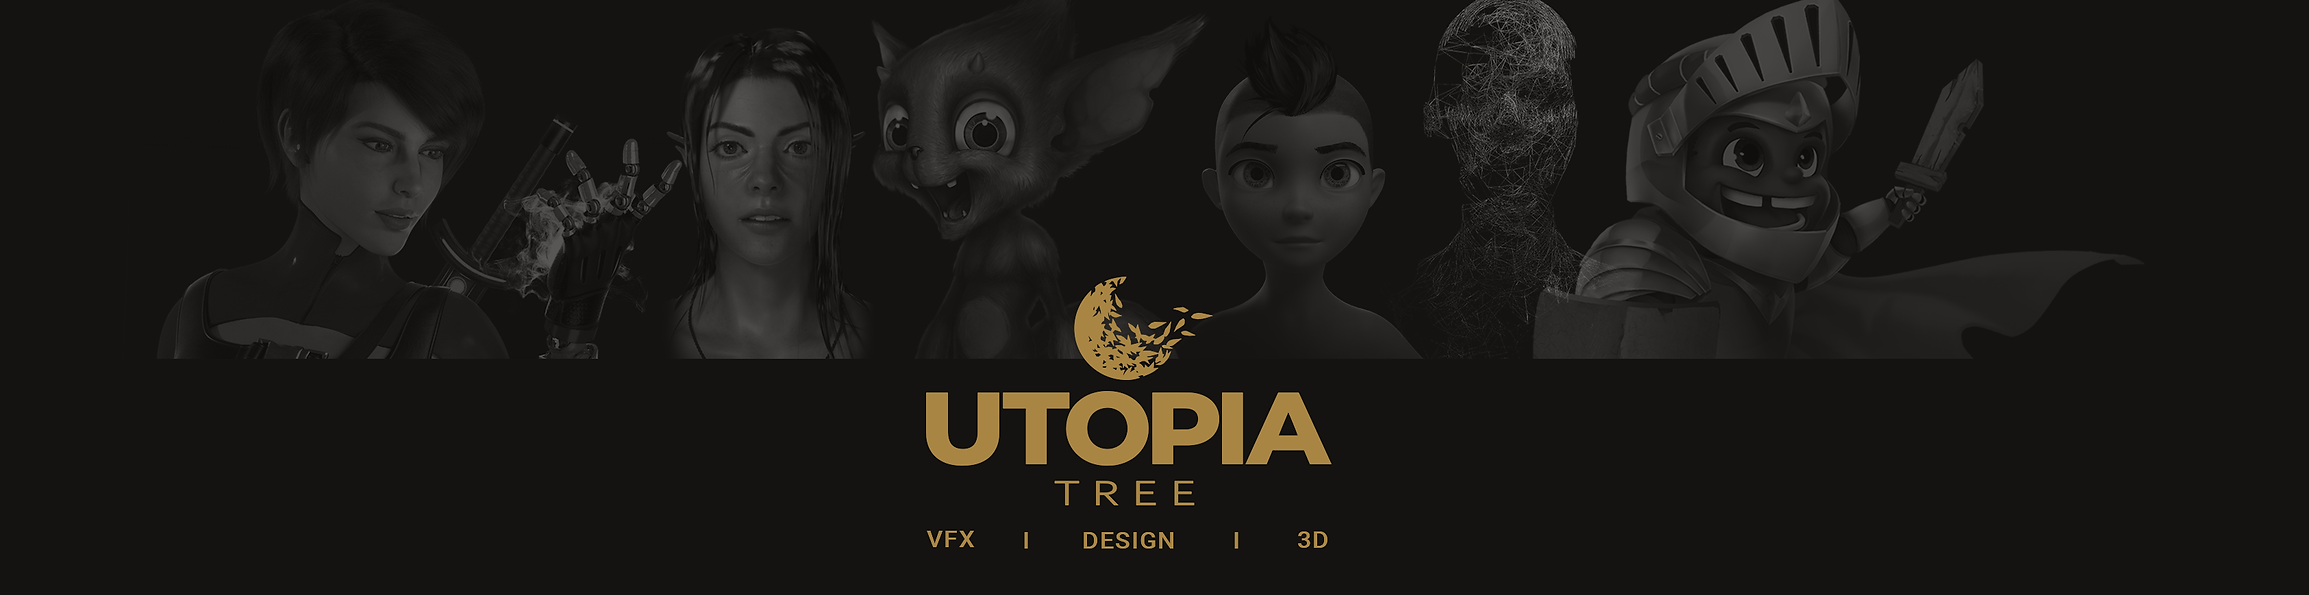 UtopiatreeBanner.png